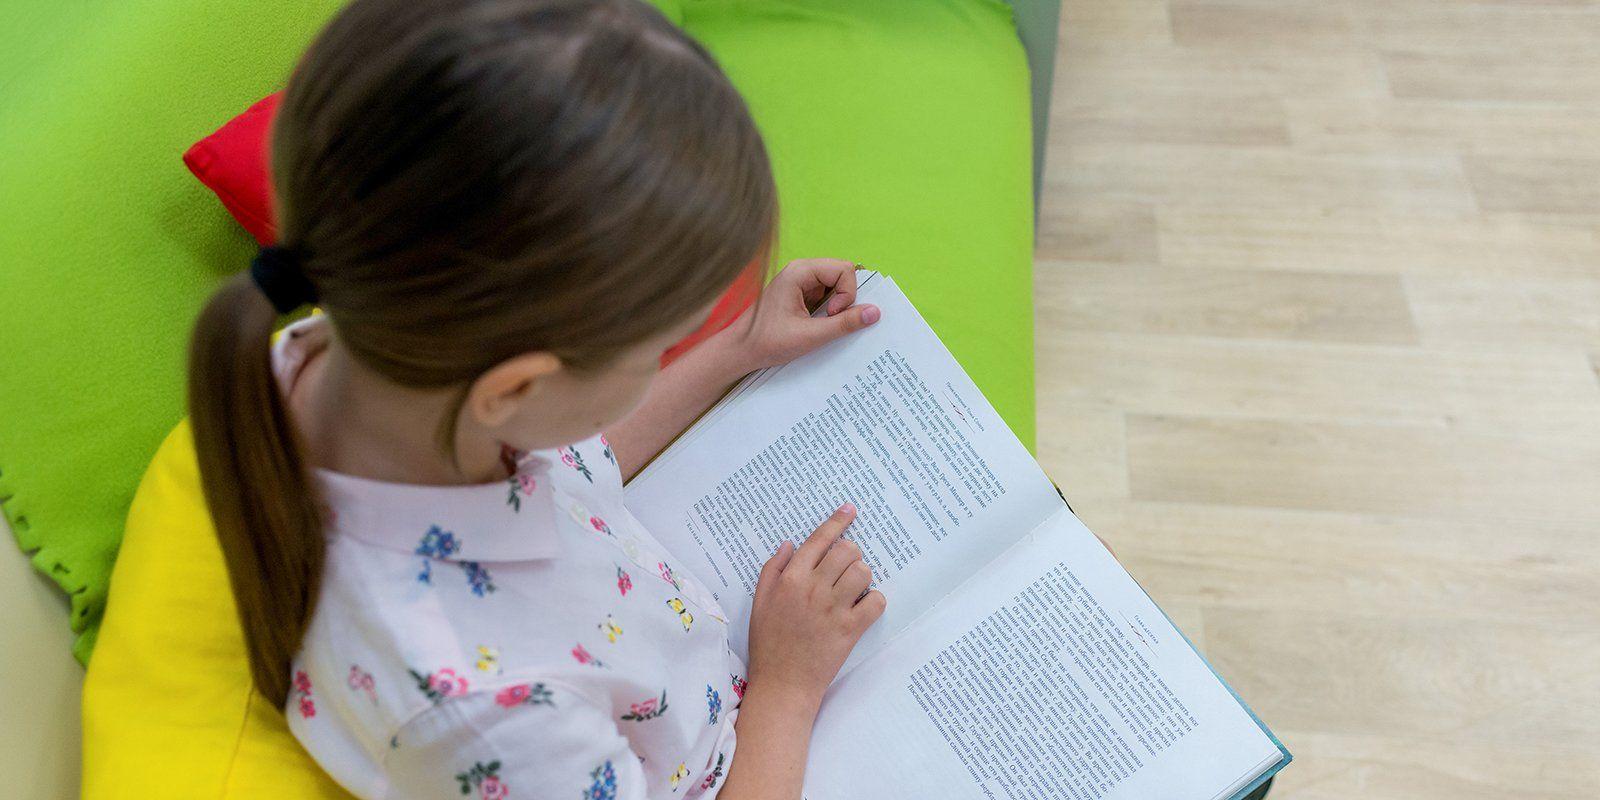 Библиотеки столицы запускают онлайн-программу летнего чтения школьников. Фото: сайт мэра МосквыБиблиотеки столицы запускают онлайн-программу летнего чтения школьников. Фото: сайт мэра Москвы